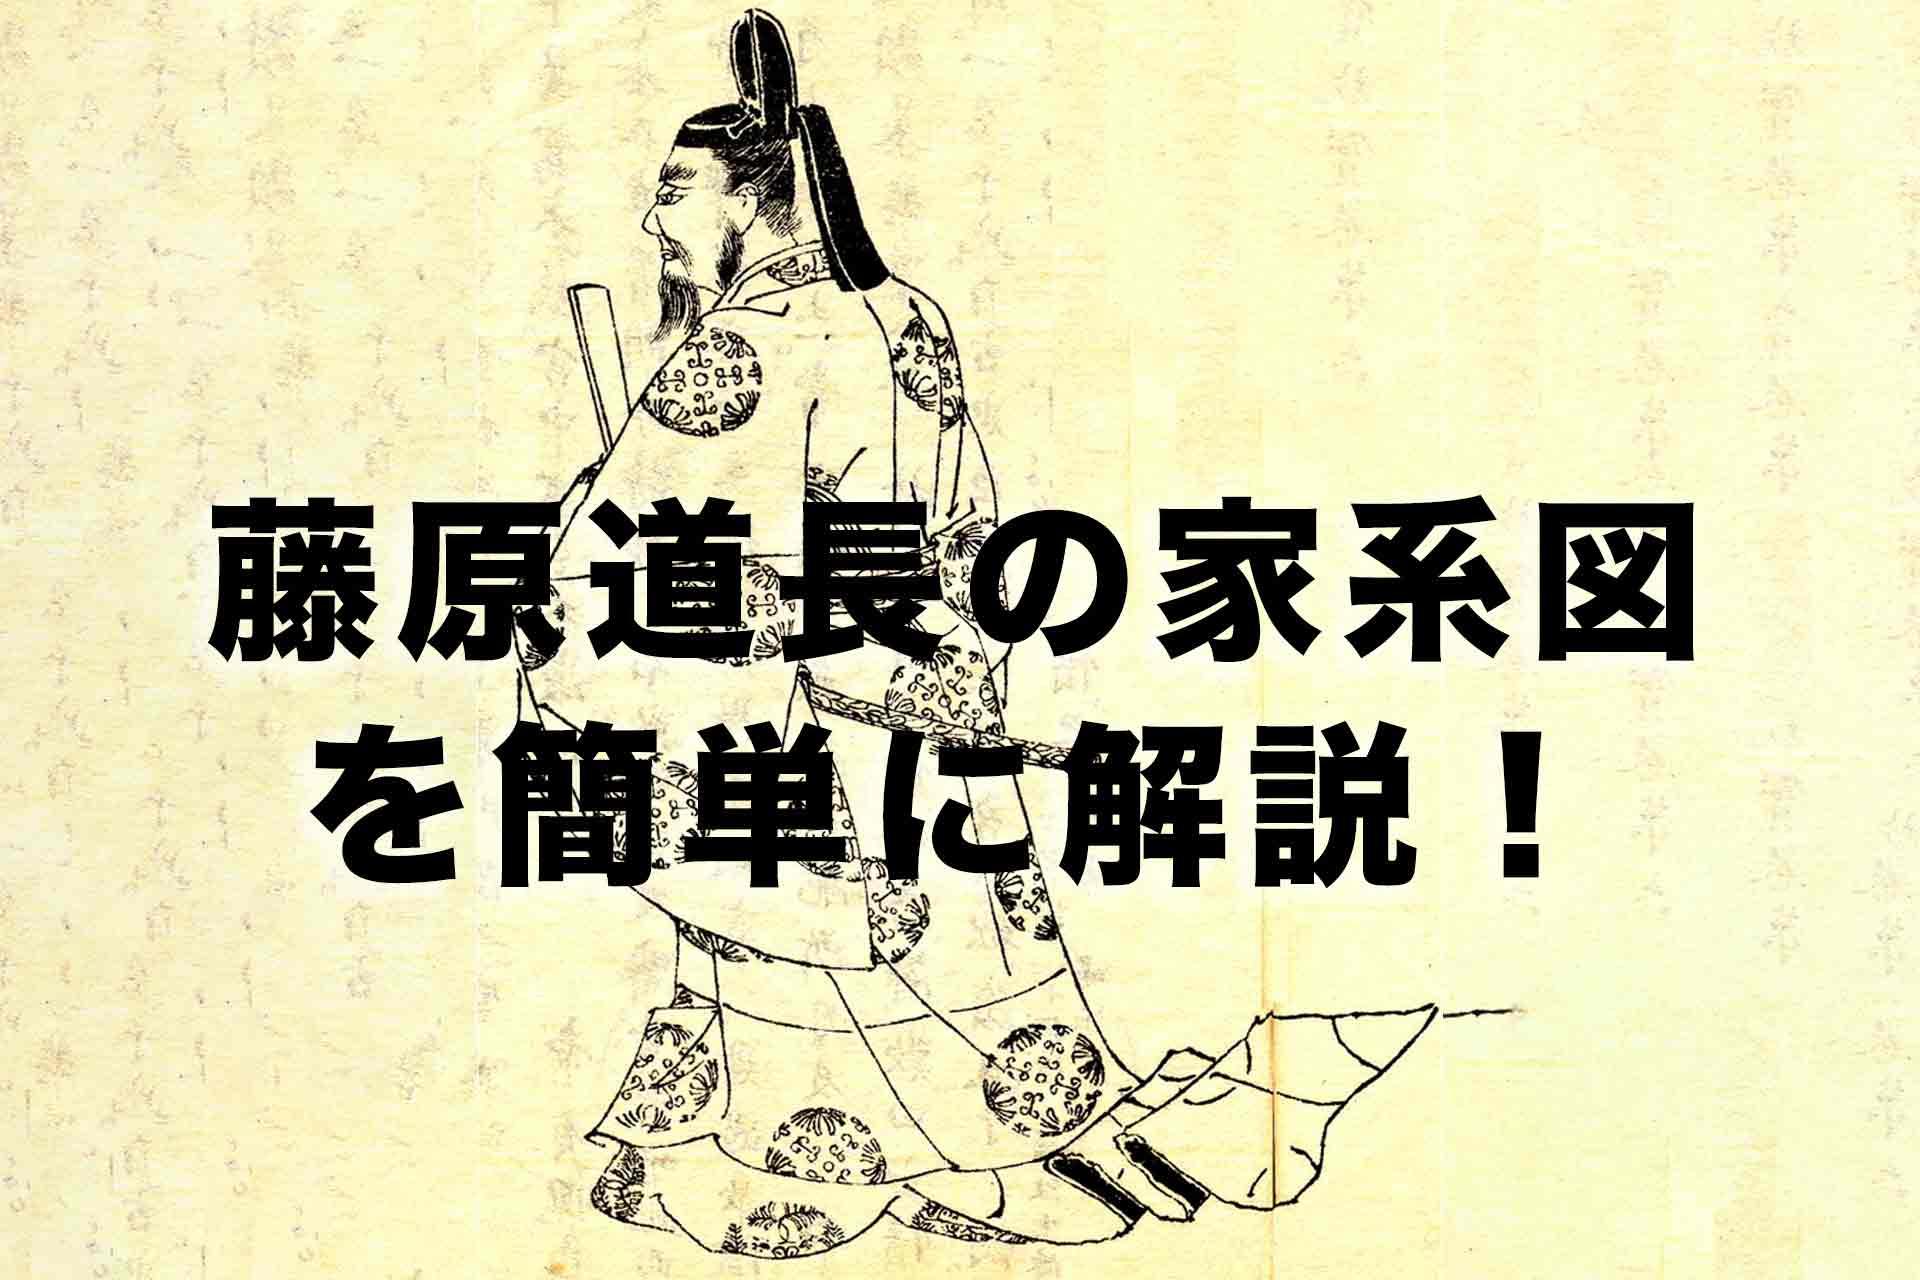 藤原道長の家系図を簡単に解説!藤原鎌足から現代に続く子孫まで一挙解説!